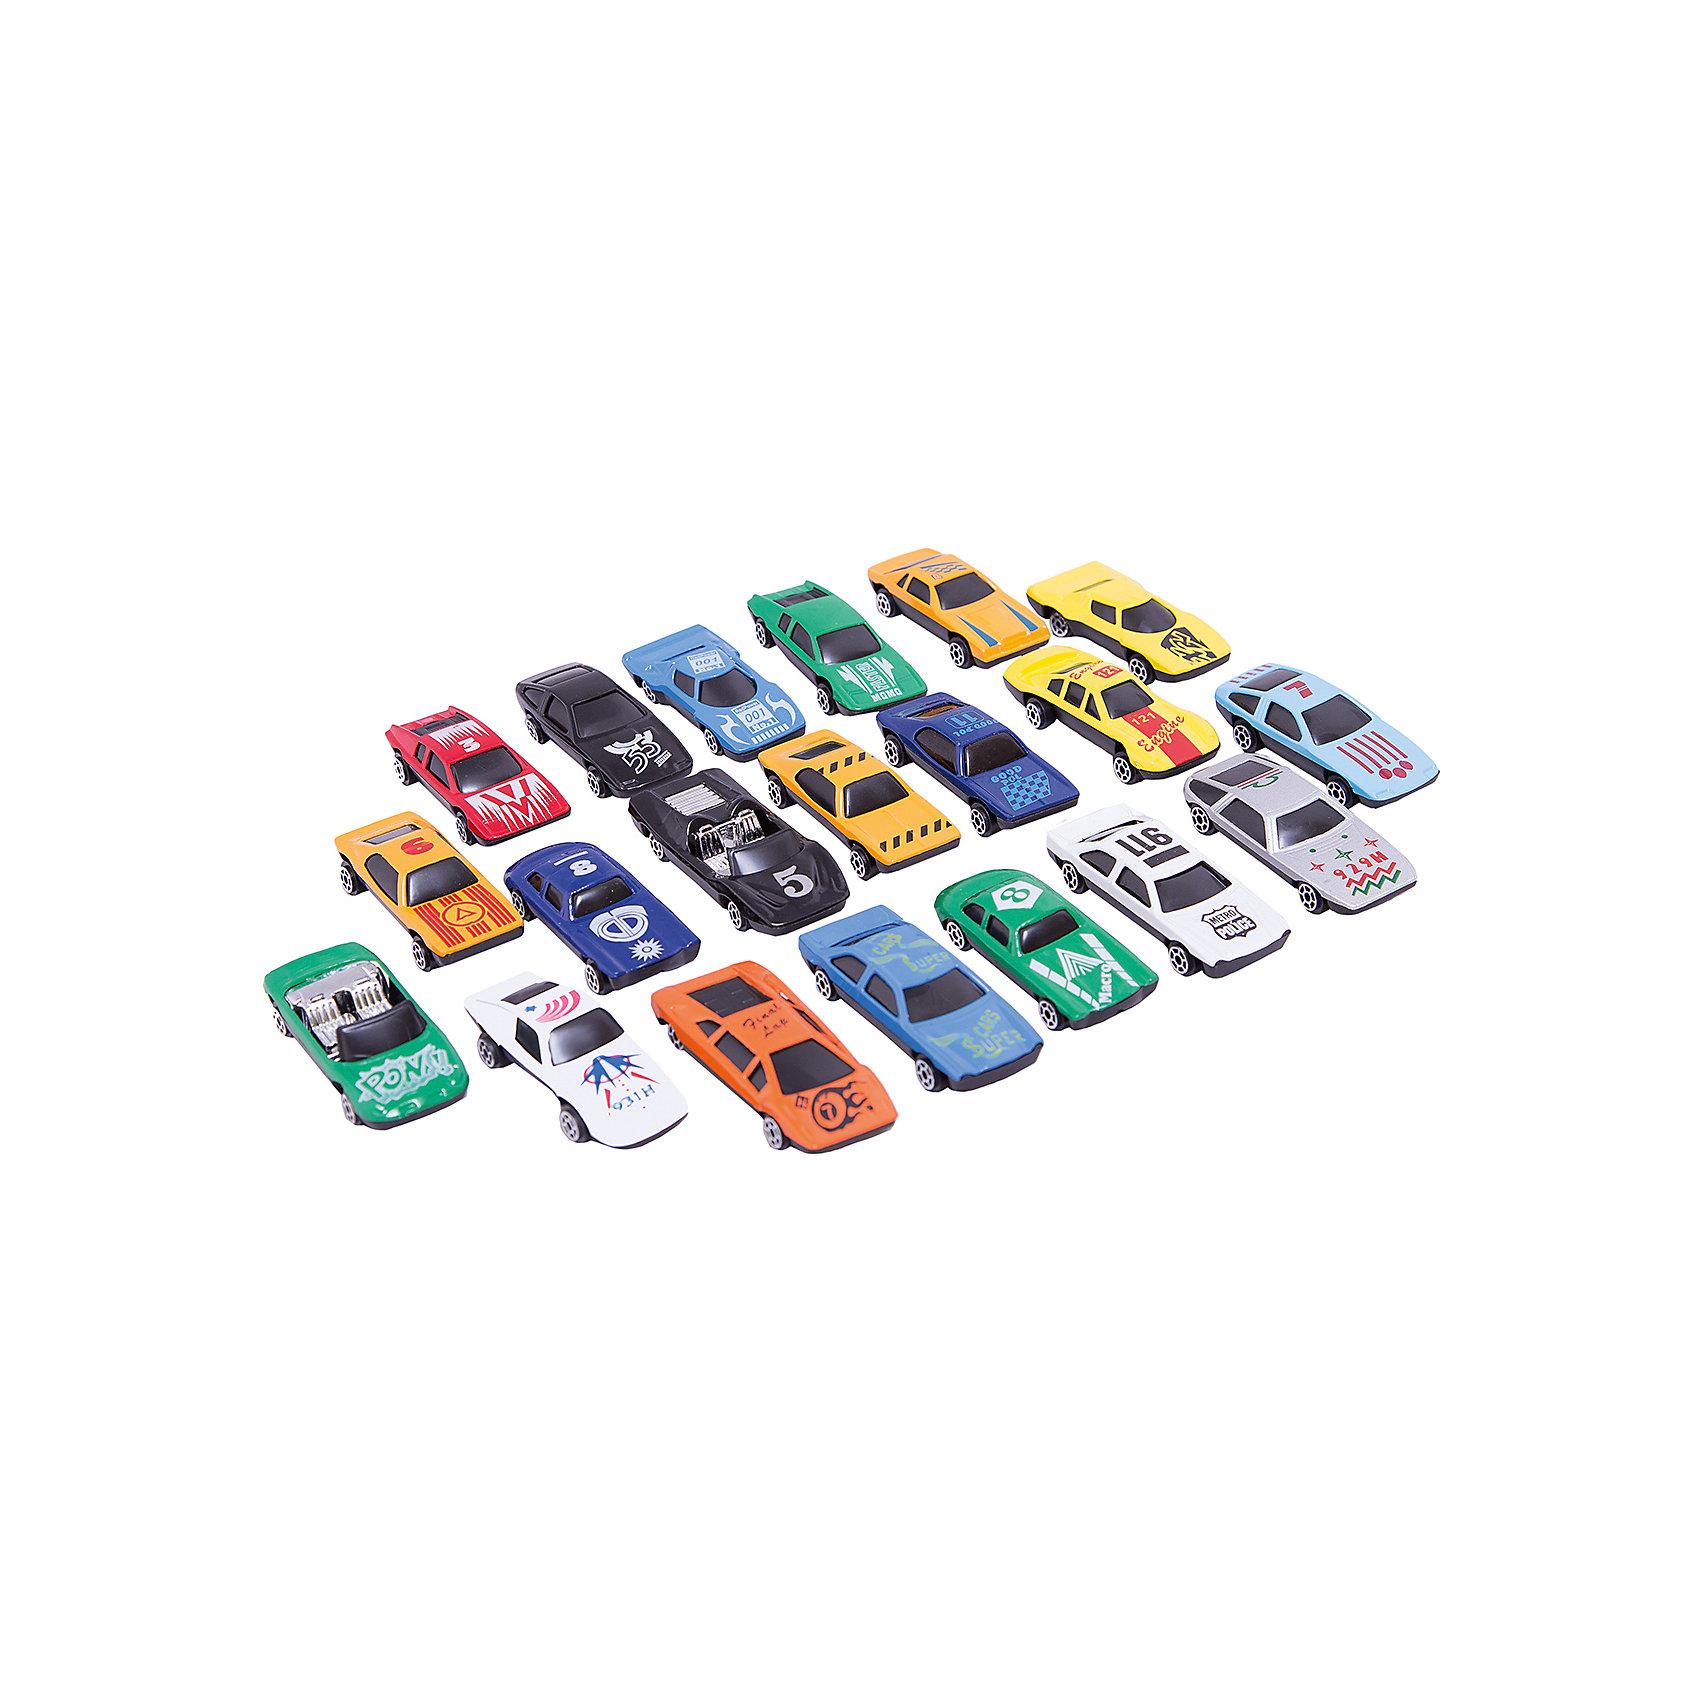 Набор из 20 машинокИгровые наборы<br>С этим замечательным набором ты сможет устроить захватывающие гонки. Целых двадцать участников и все такие разные, быстрые и яркие! Машинки выполнены из металла, раскрашены экологичными, безопасными для детей красителями.<br><br>Дополнительная информация:<br><br>- 20 машинок в наборе.<br>- Материал: металл, пластик.<br>- Размер упаковки: 23х2х21 см.<br>- Подвижные колеса.<br>- Масштаб: 1:64.<br><br>Набор из 20 машинок можно купить в нашем магазине.<br><br>Ширина мм: 380<br>Глубина мм: 380<br>Высота мм: 630<br>Вес г: 240<br>Возраст от месяцев: 36<br>Возраст до месяцев: 84<br>Пол: Мужской<br>Возраст: Детский<br>SKU: 4408246